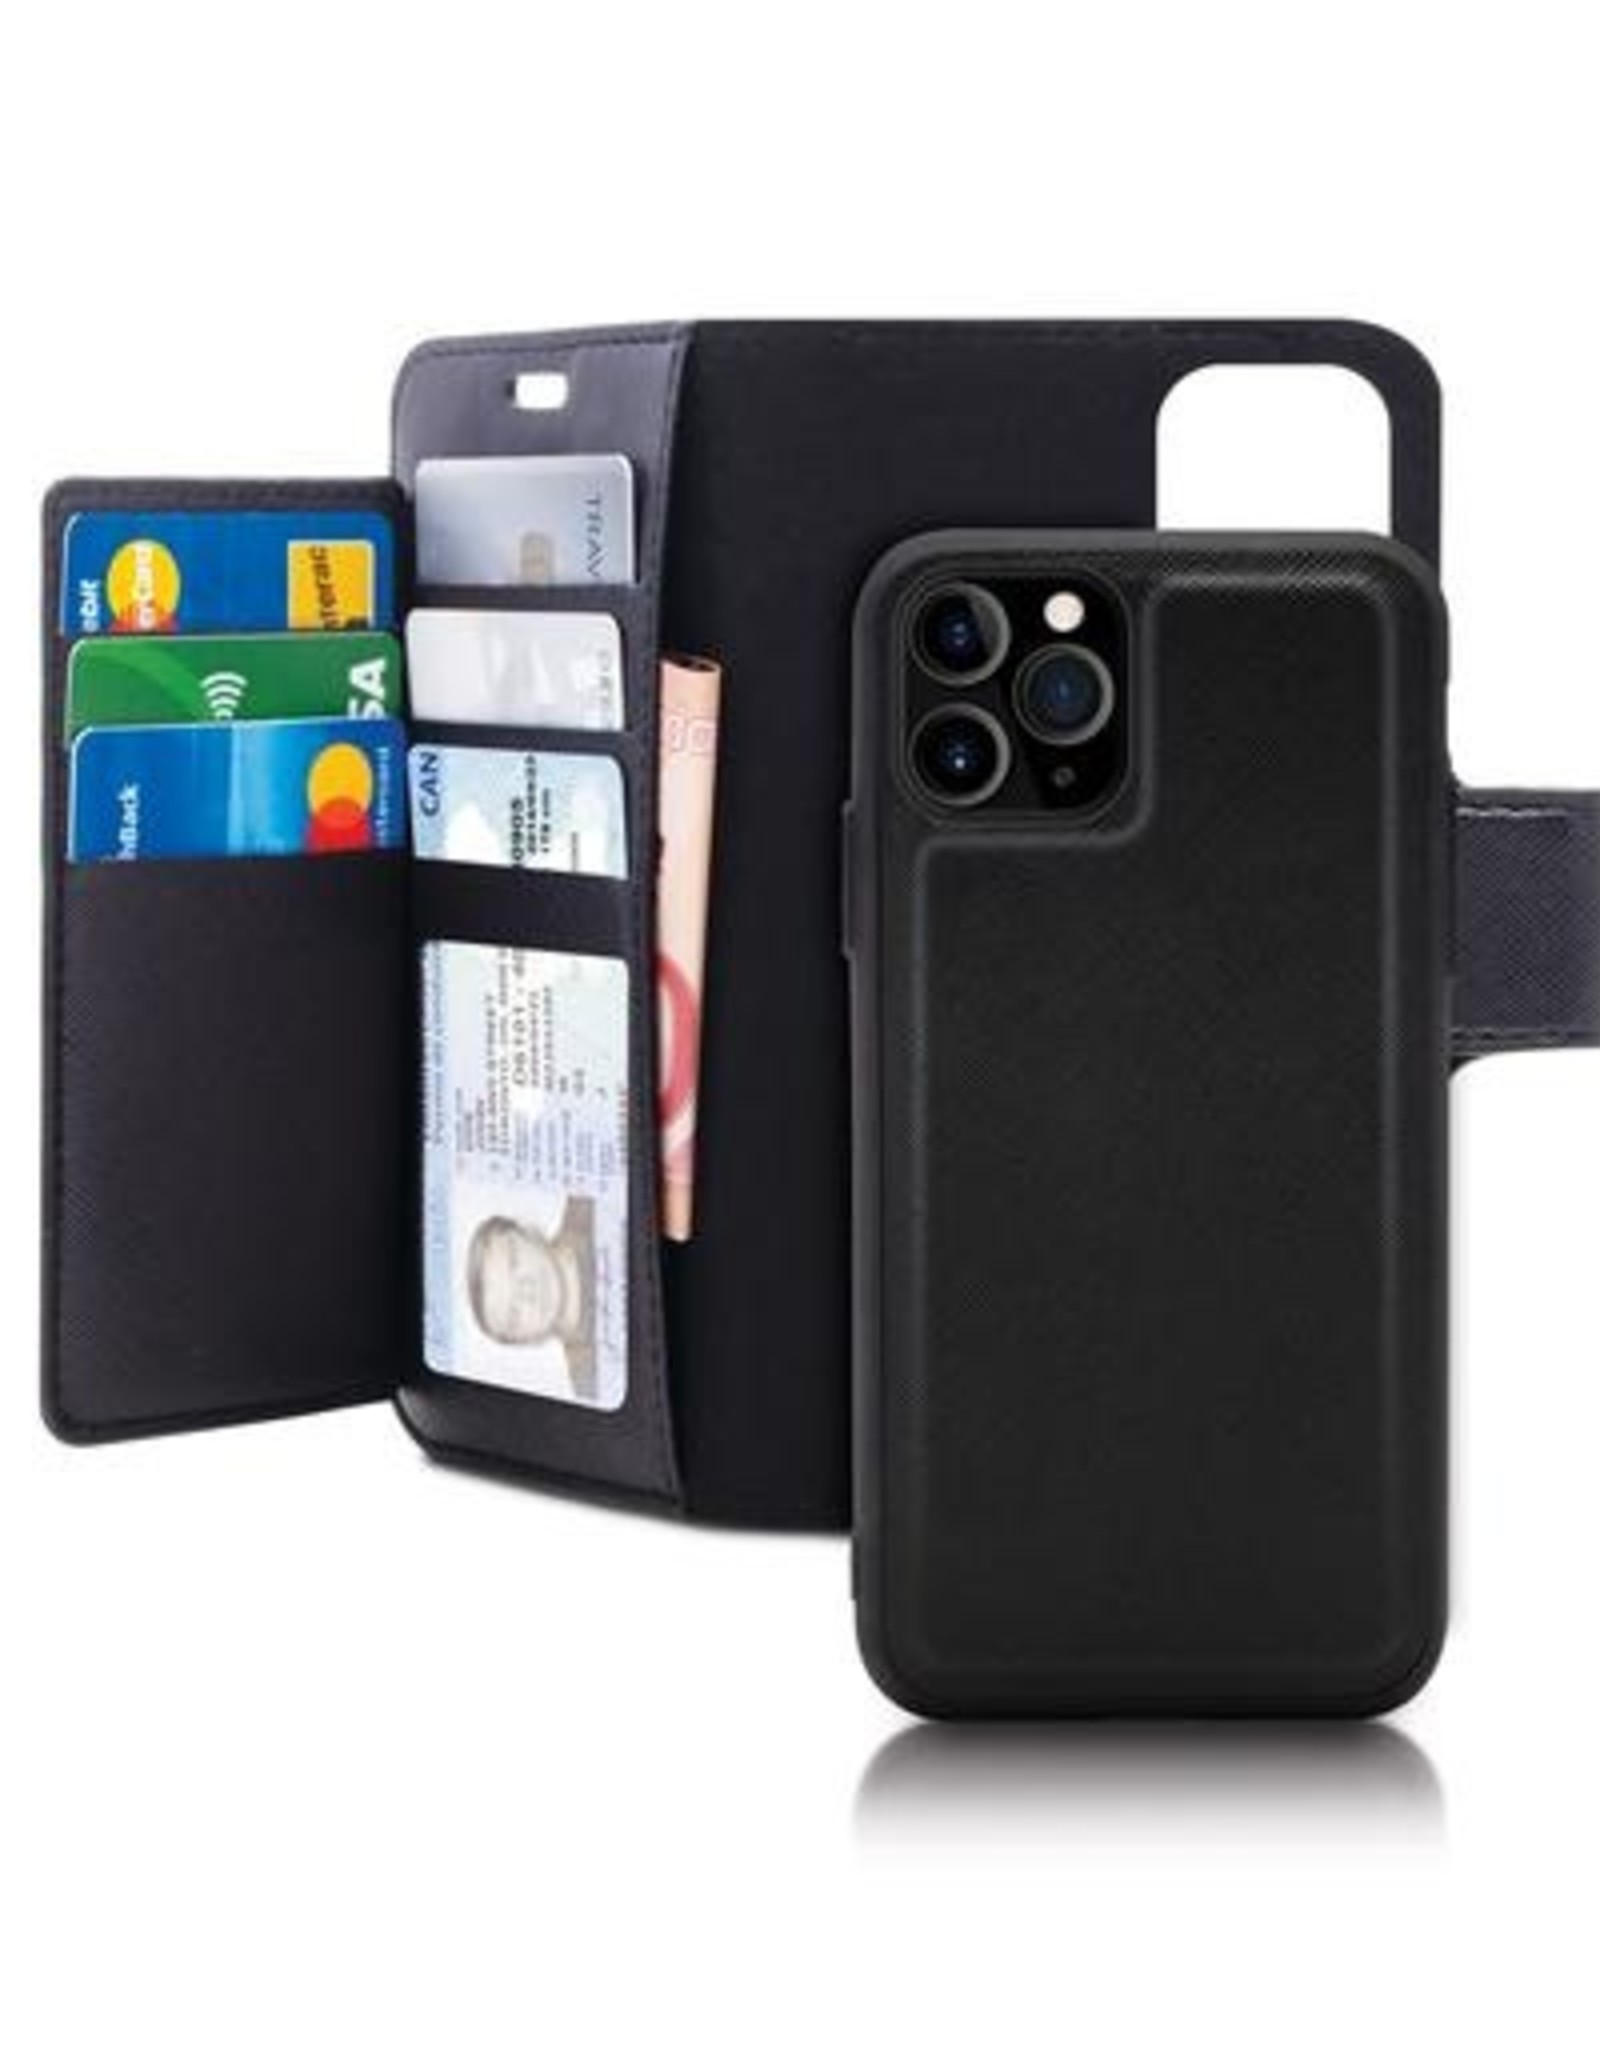 Caseco Caseco | Sunset Blvd 2-in-1 RFID Blocking Folio Case - iPhone 11 Black C3507-01